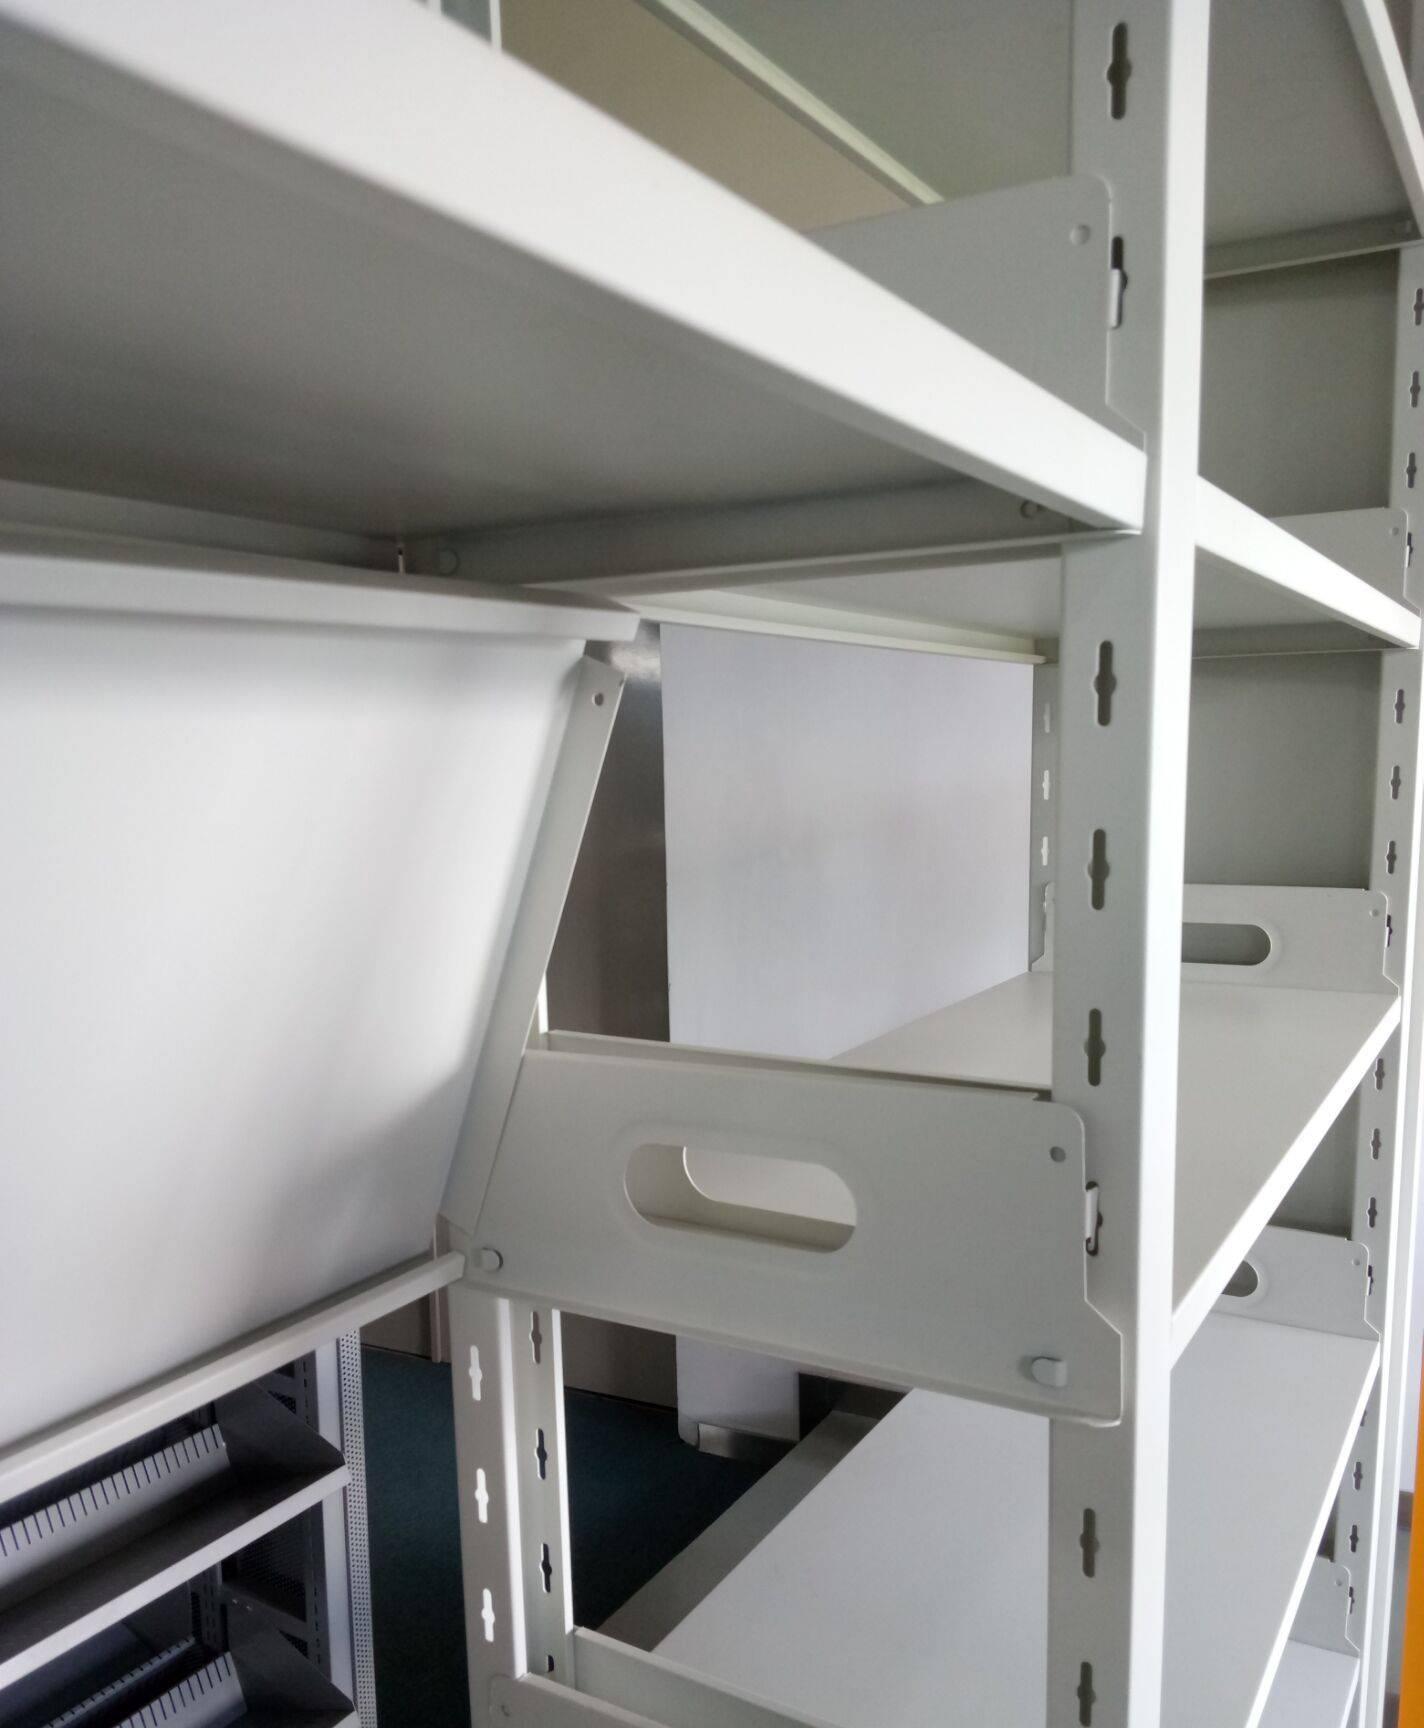 特价密集柜 密集架生产厂家  档案柜 深圳挂画密集柜厂家直销示例图4